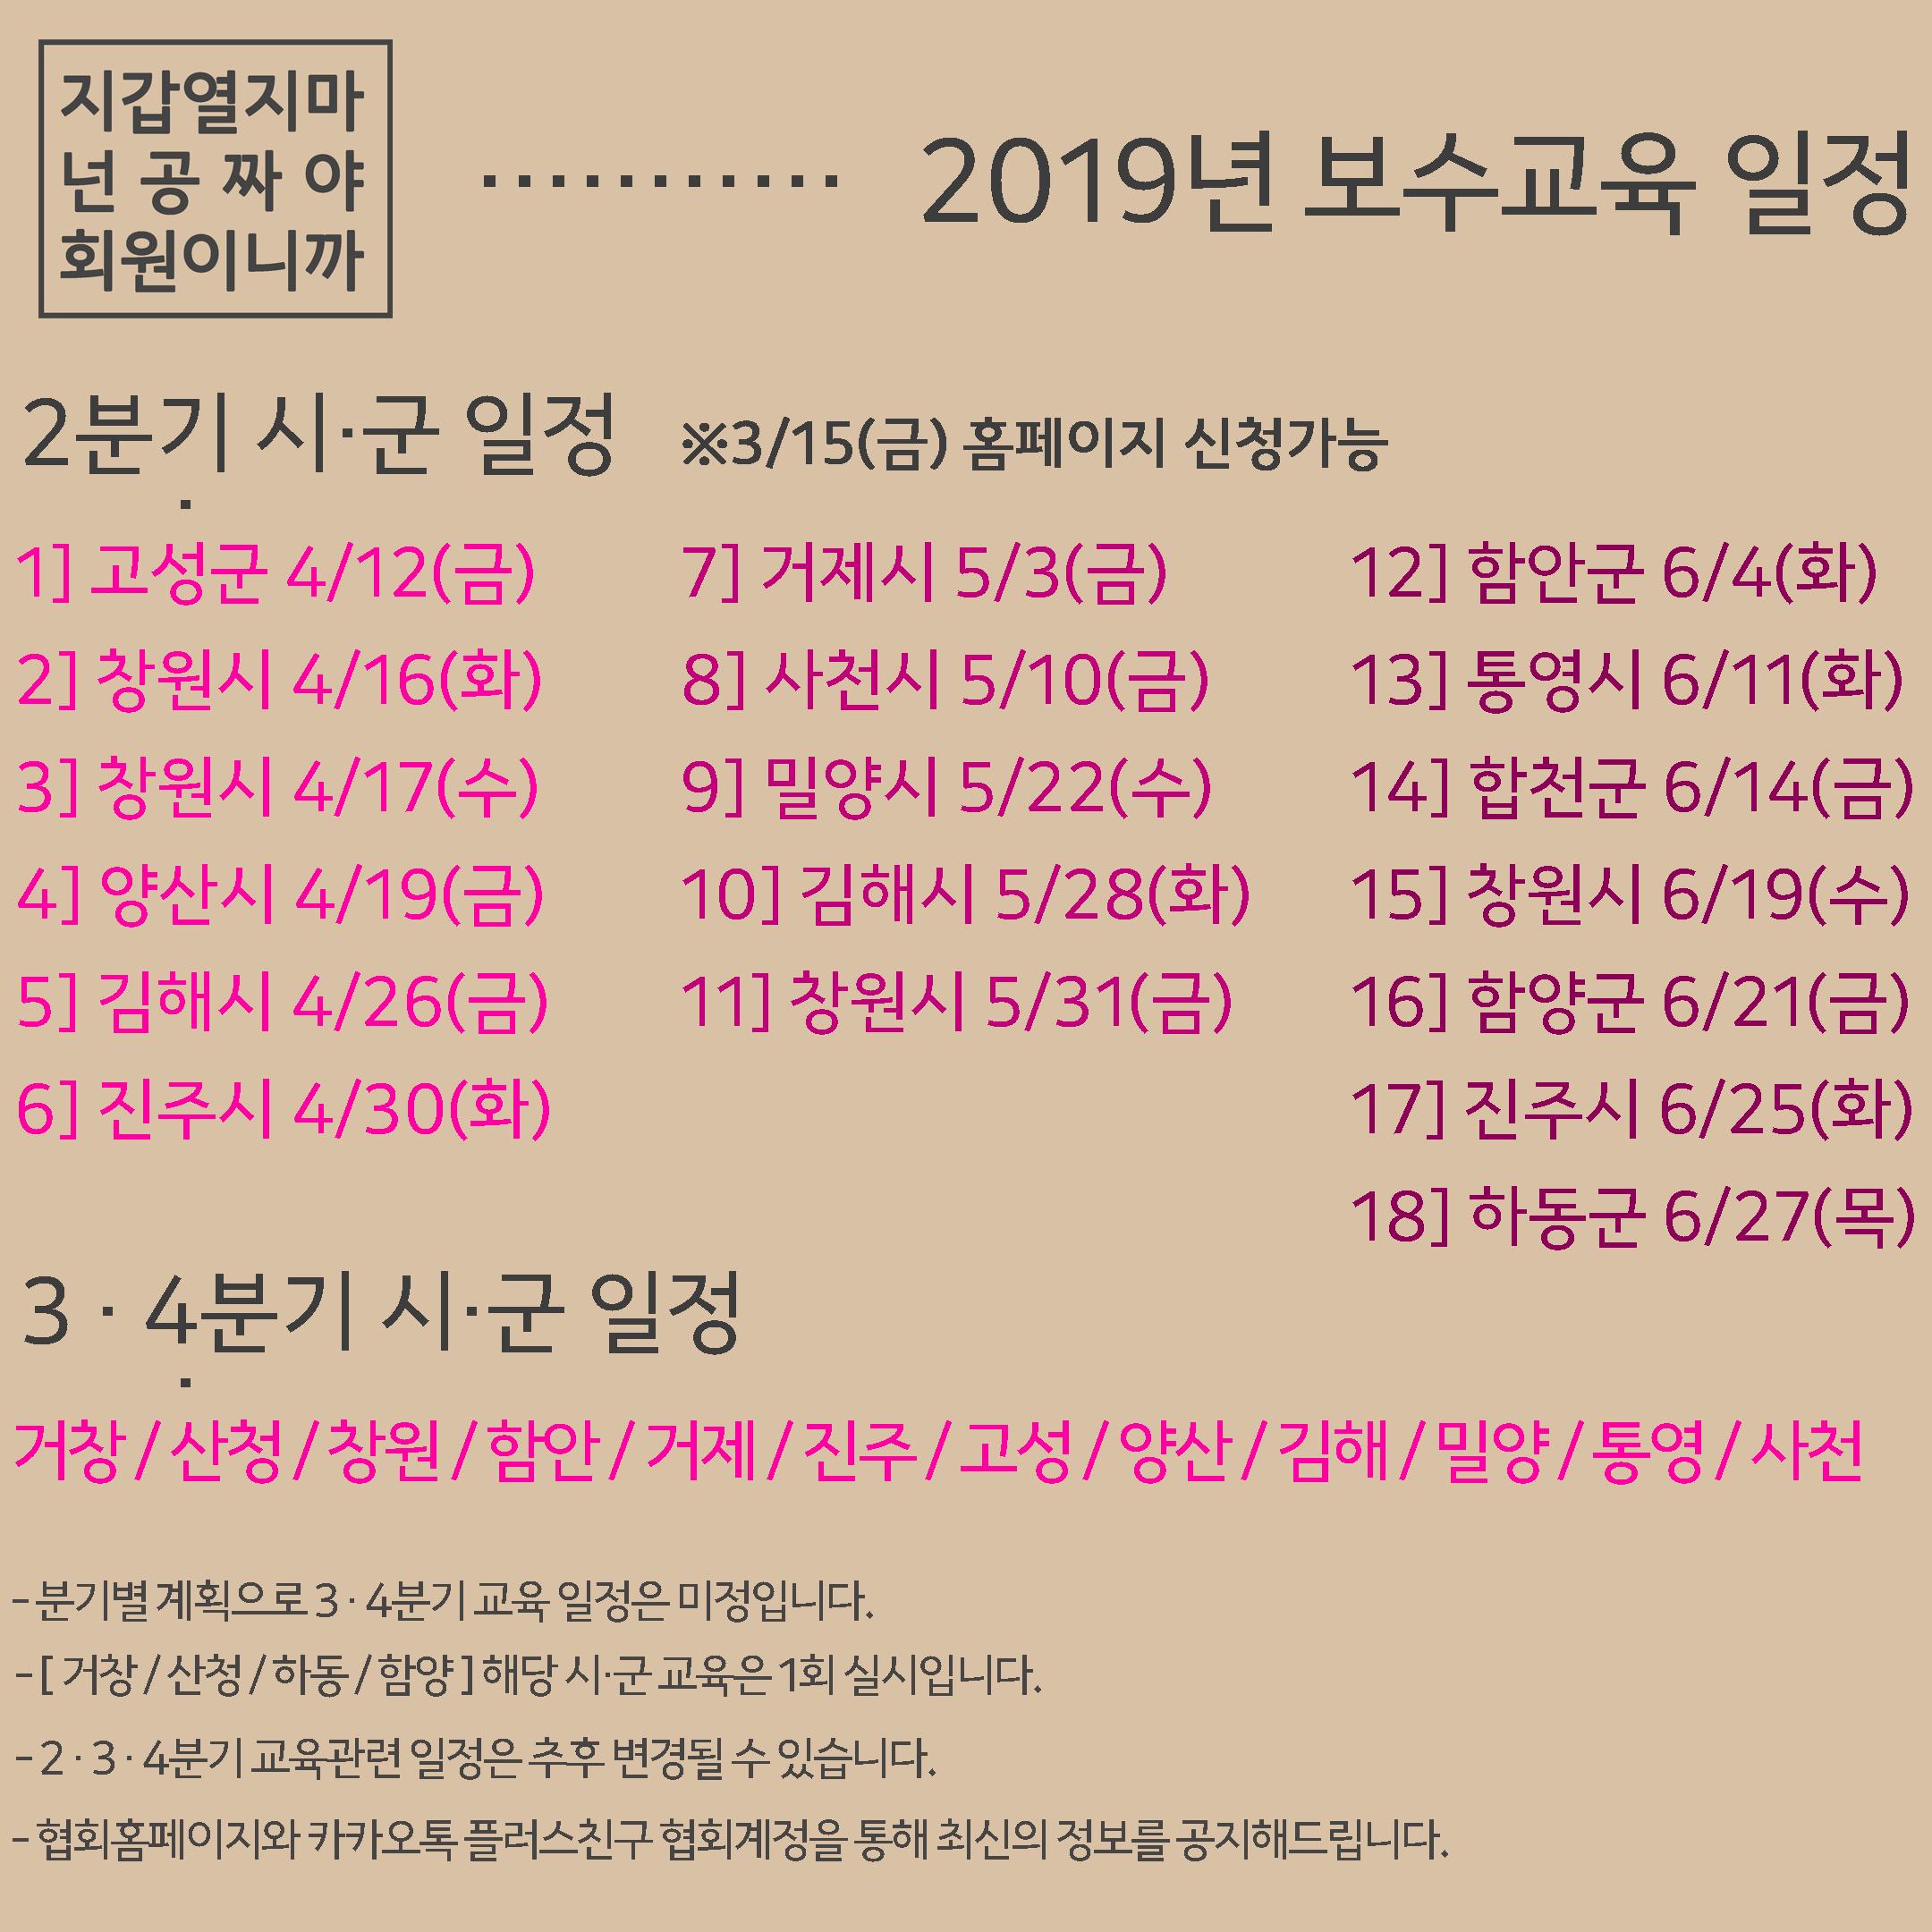 2019년 3월 이벤트8.jpg